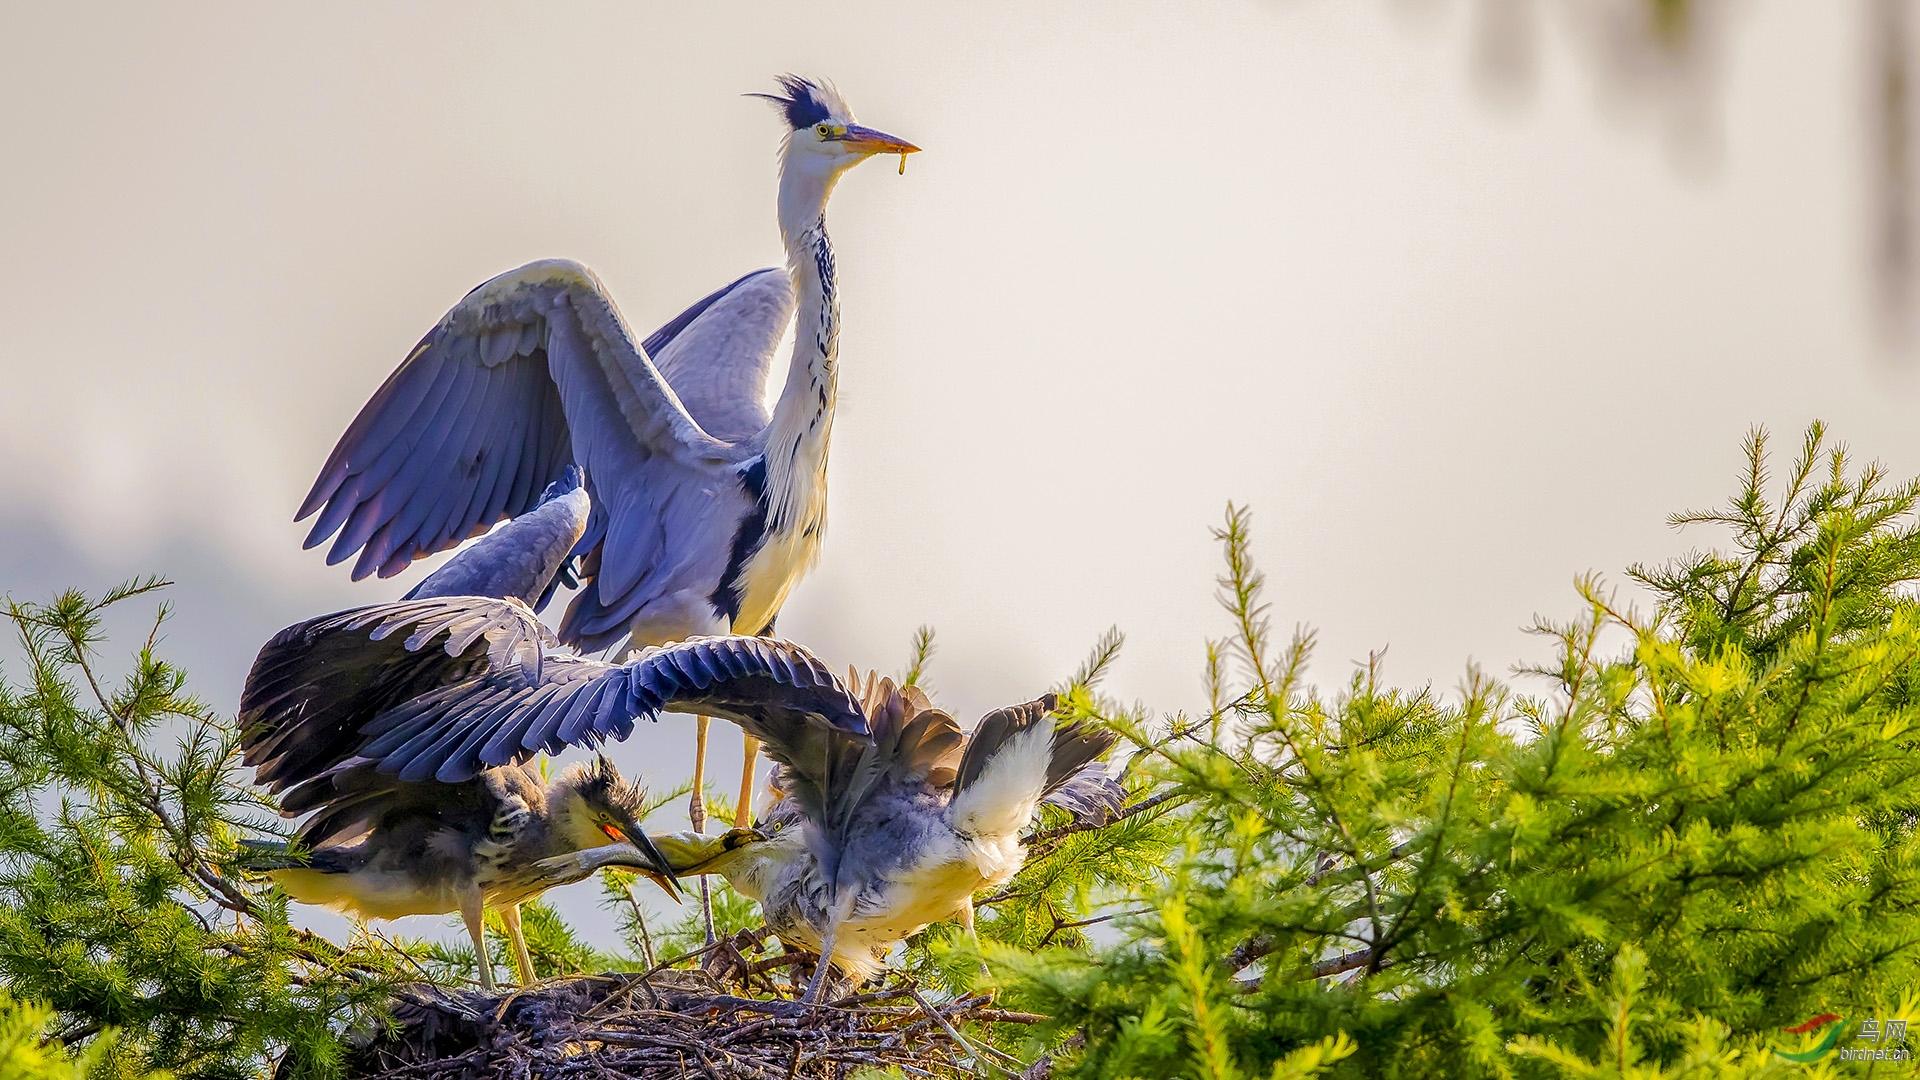 6,苍鹭稳枝栖•筑巢岭上柏   金广山拍摄于转山湖苍鹭岛